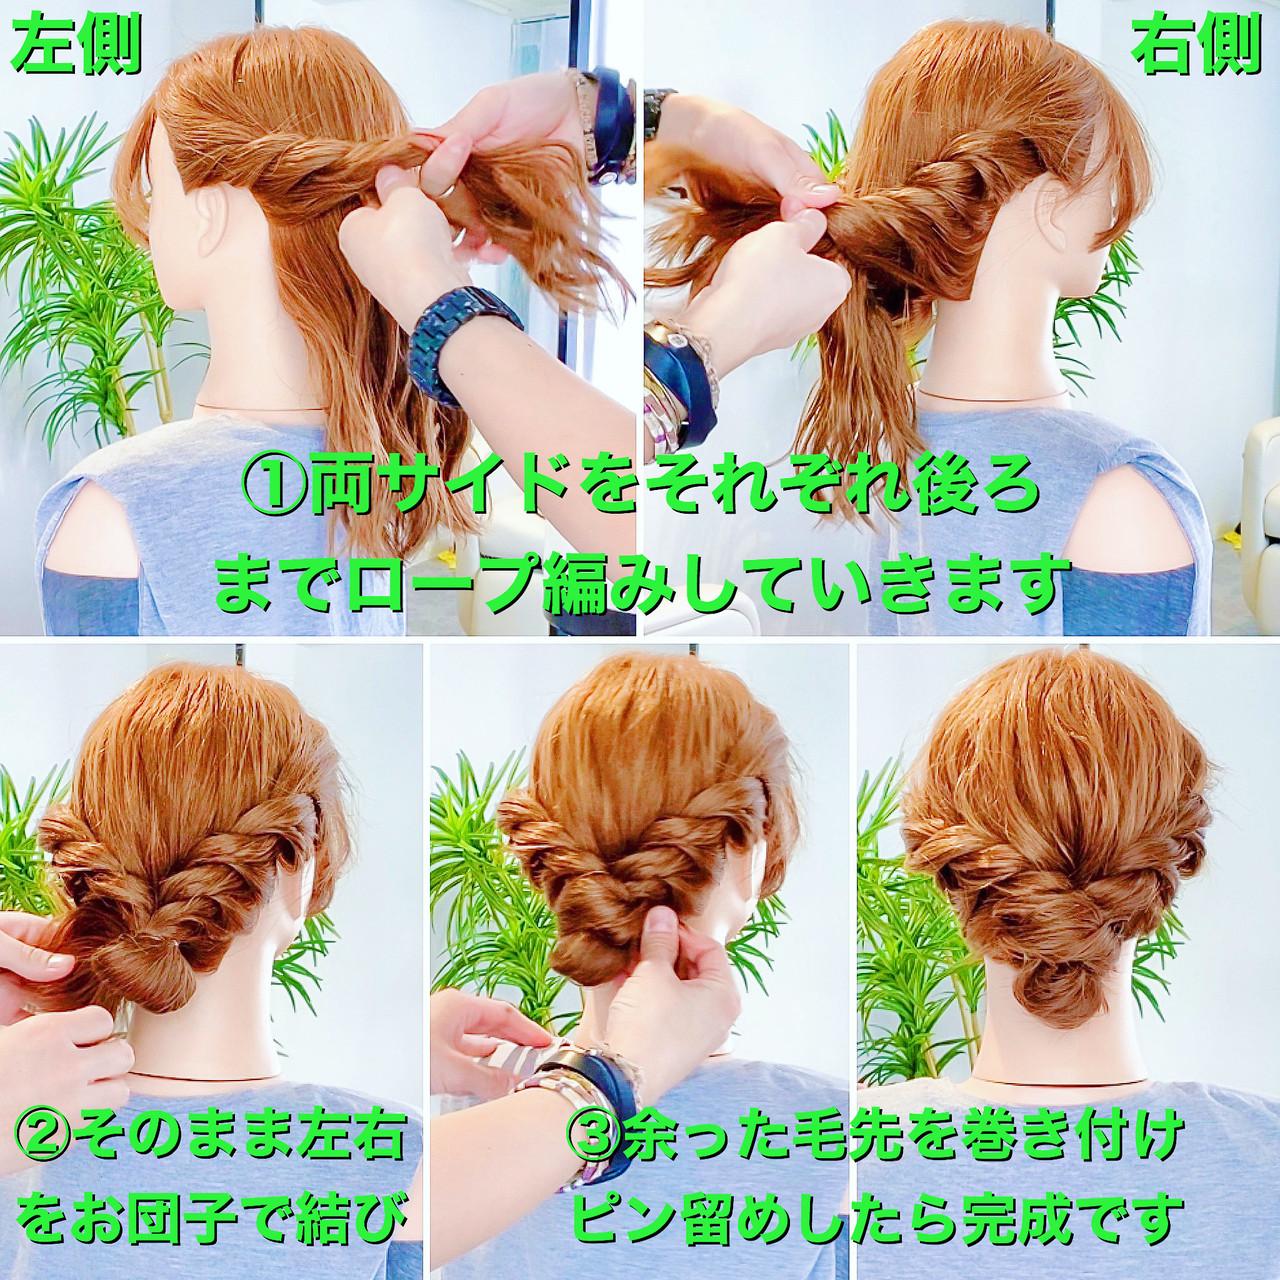 アップスタイル ヘアアレンジ 切りっぱなしボブ セルフヘアアレンジ ヘアスタイルや髪型の写真・画像